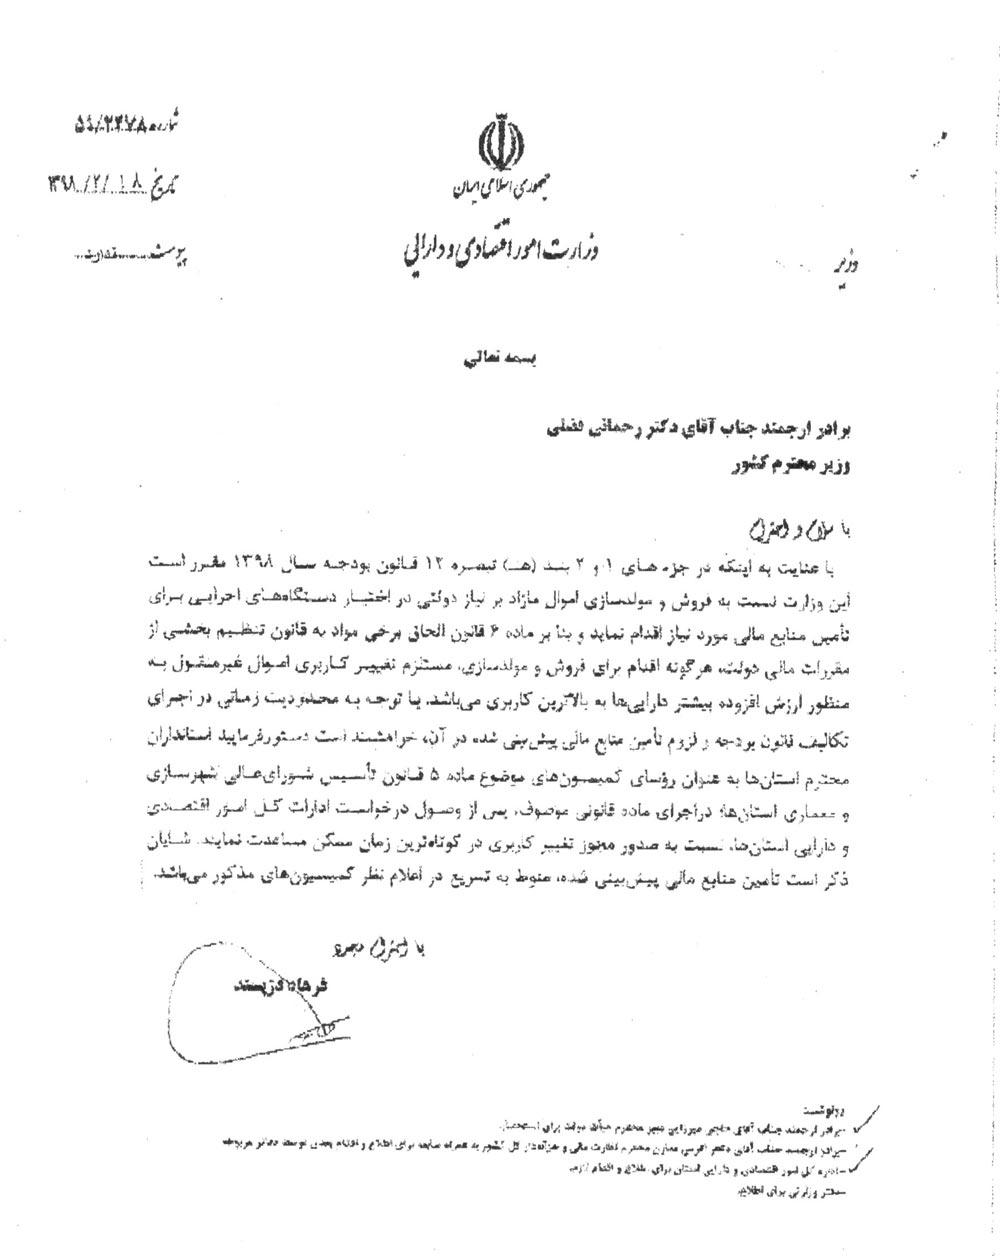 نامه تغییر کاربری اموال دولتی